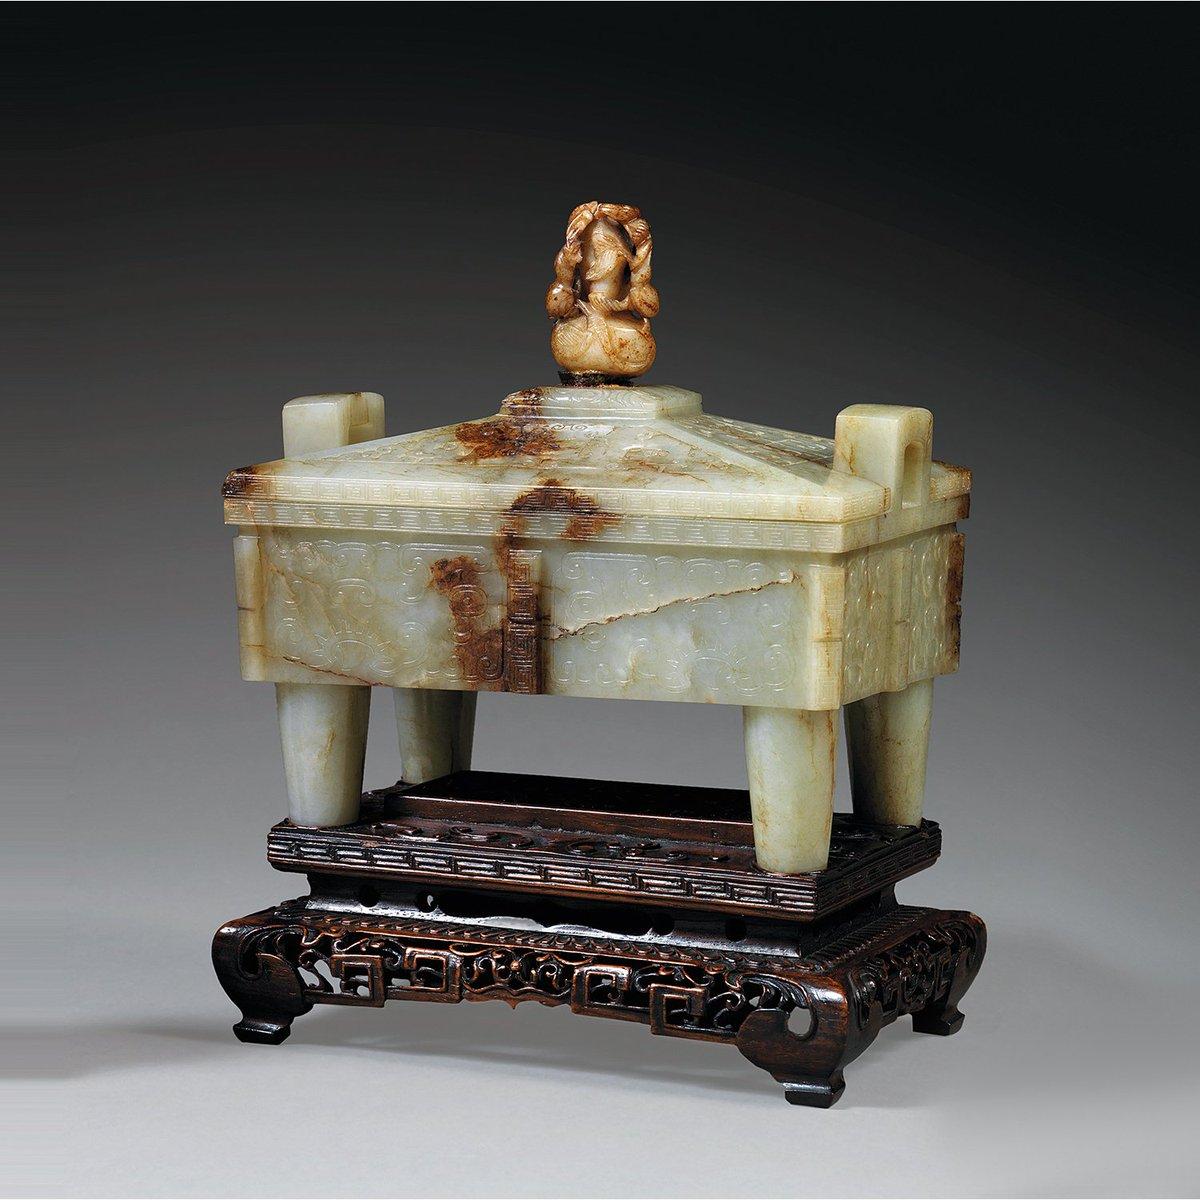 #today 14h30, Arts d&#39;Asie à l&#39;Espace Tajan et sur le Live. Suivre la vente et enchérir en direct &gt;  https:// goo.gl/ord9Lt  &nbsp;   #auctionalert<br>http://pic.twitter.com/EUiAVxCRGI